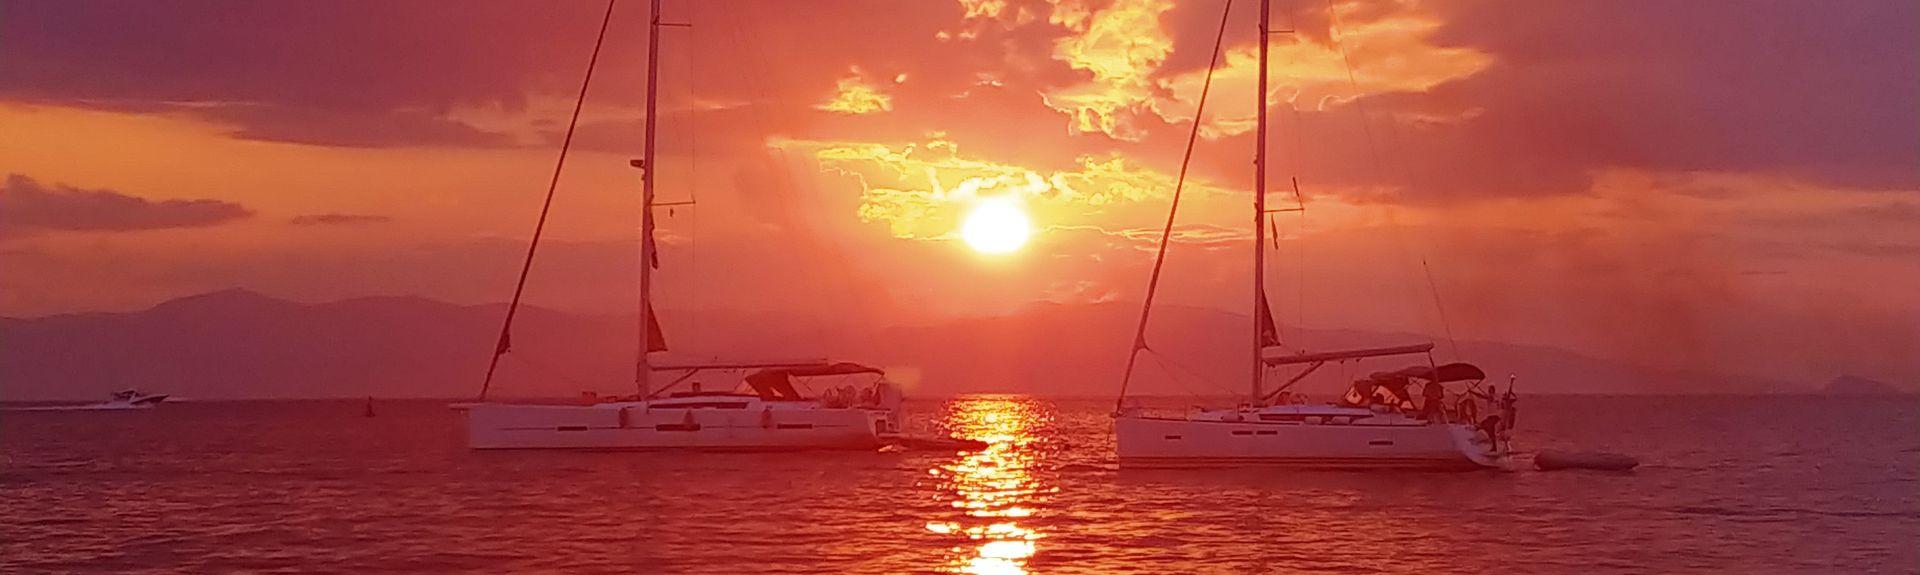 Aegina, Attica, Greece